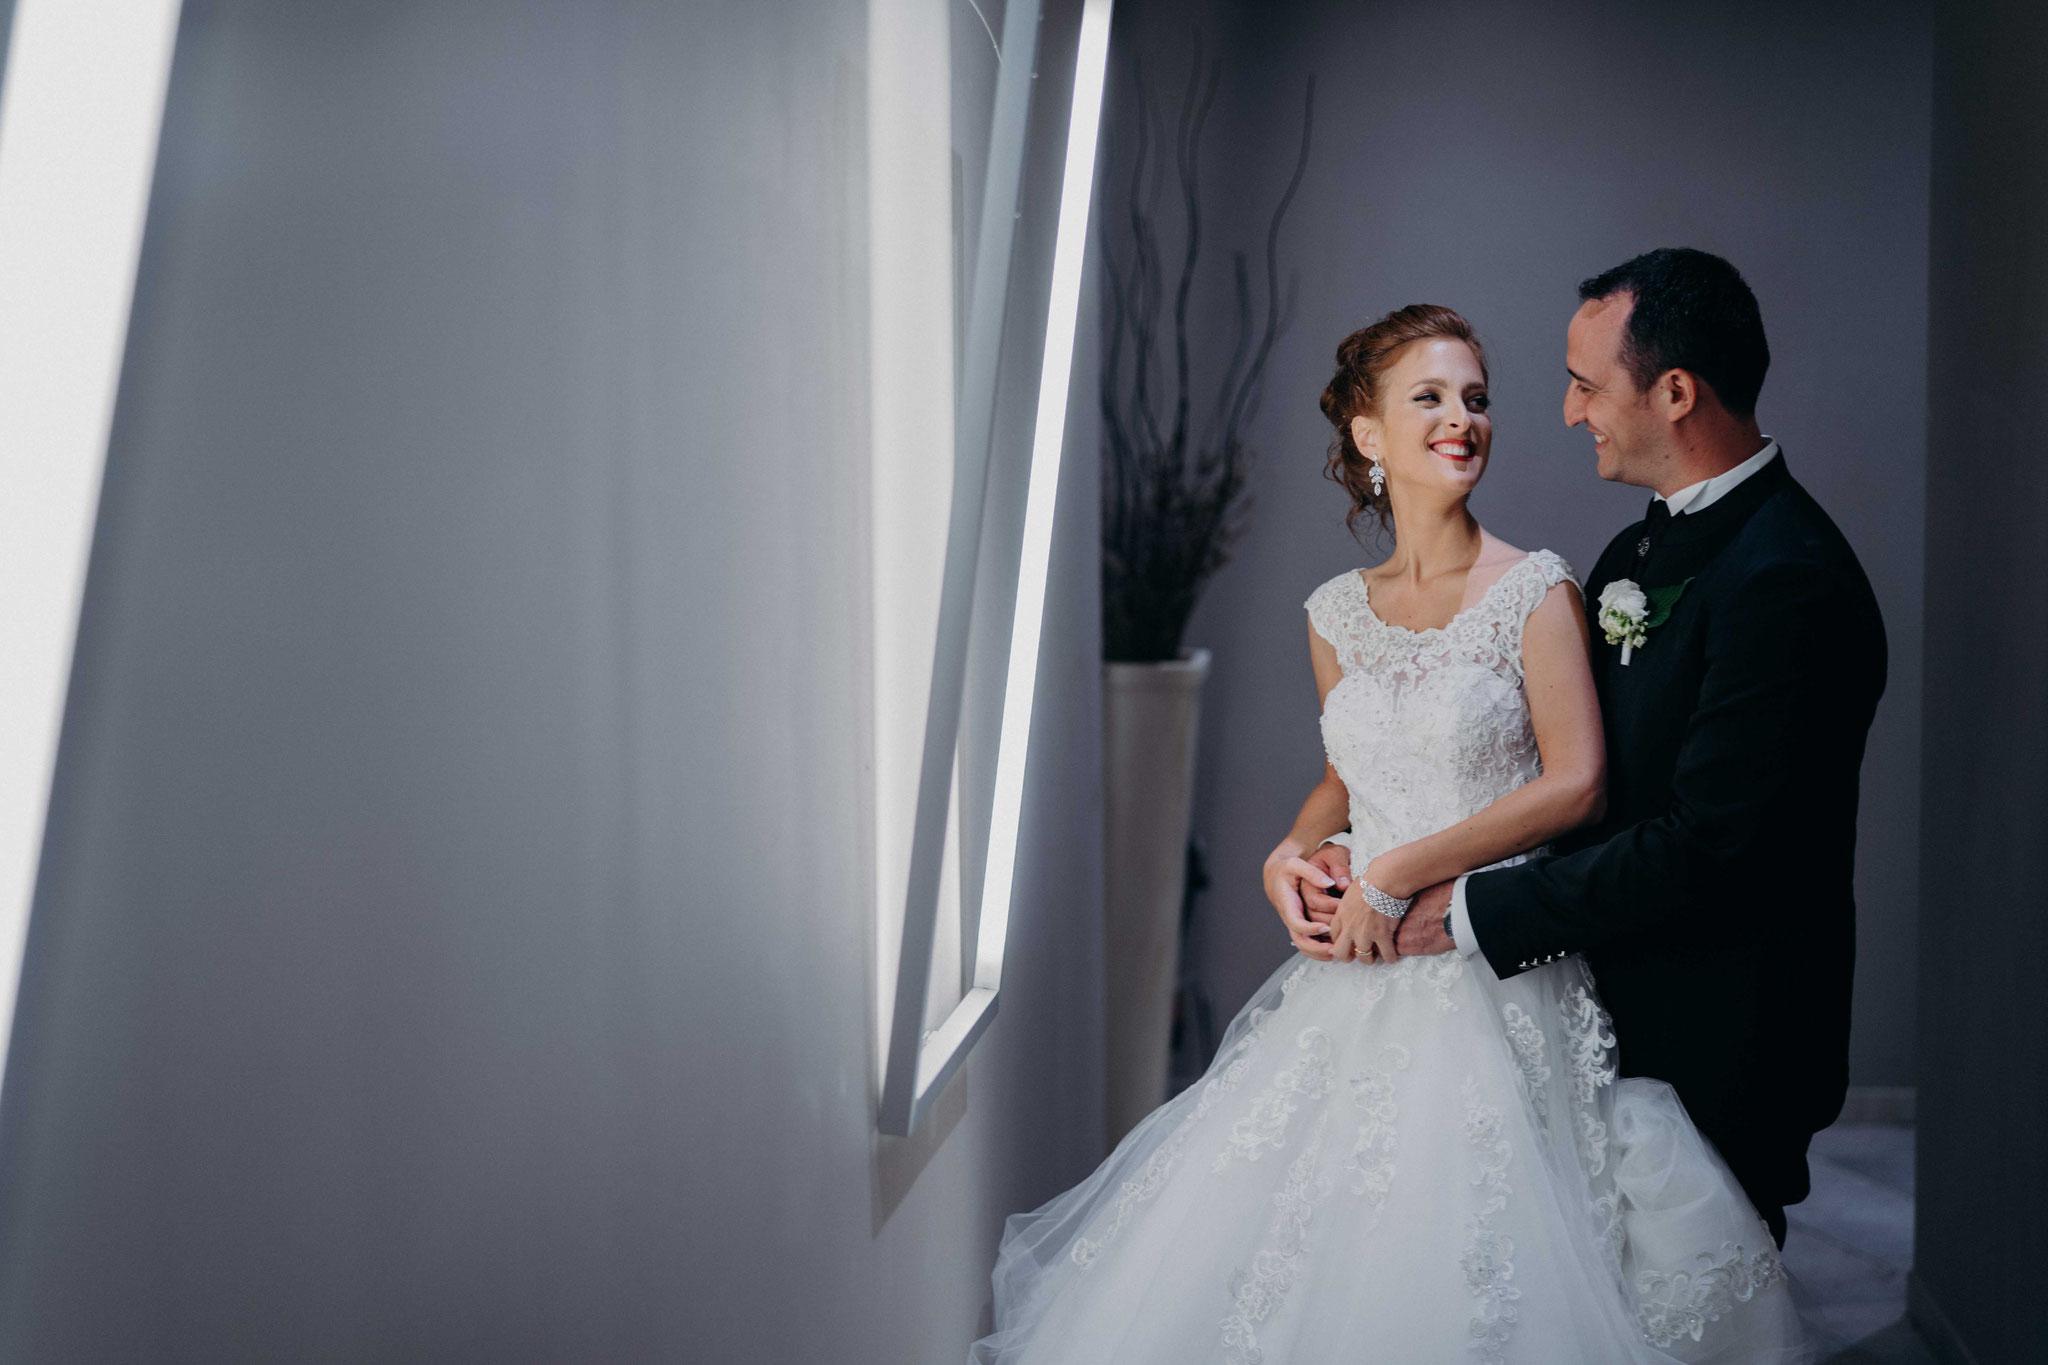 tuscany_wedding_photographer_52